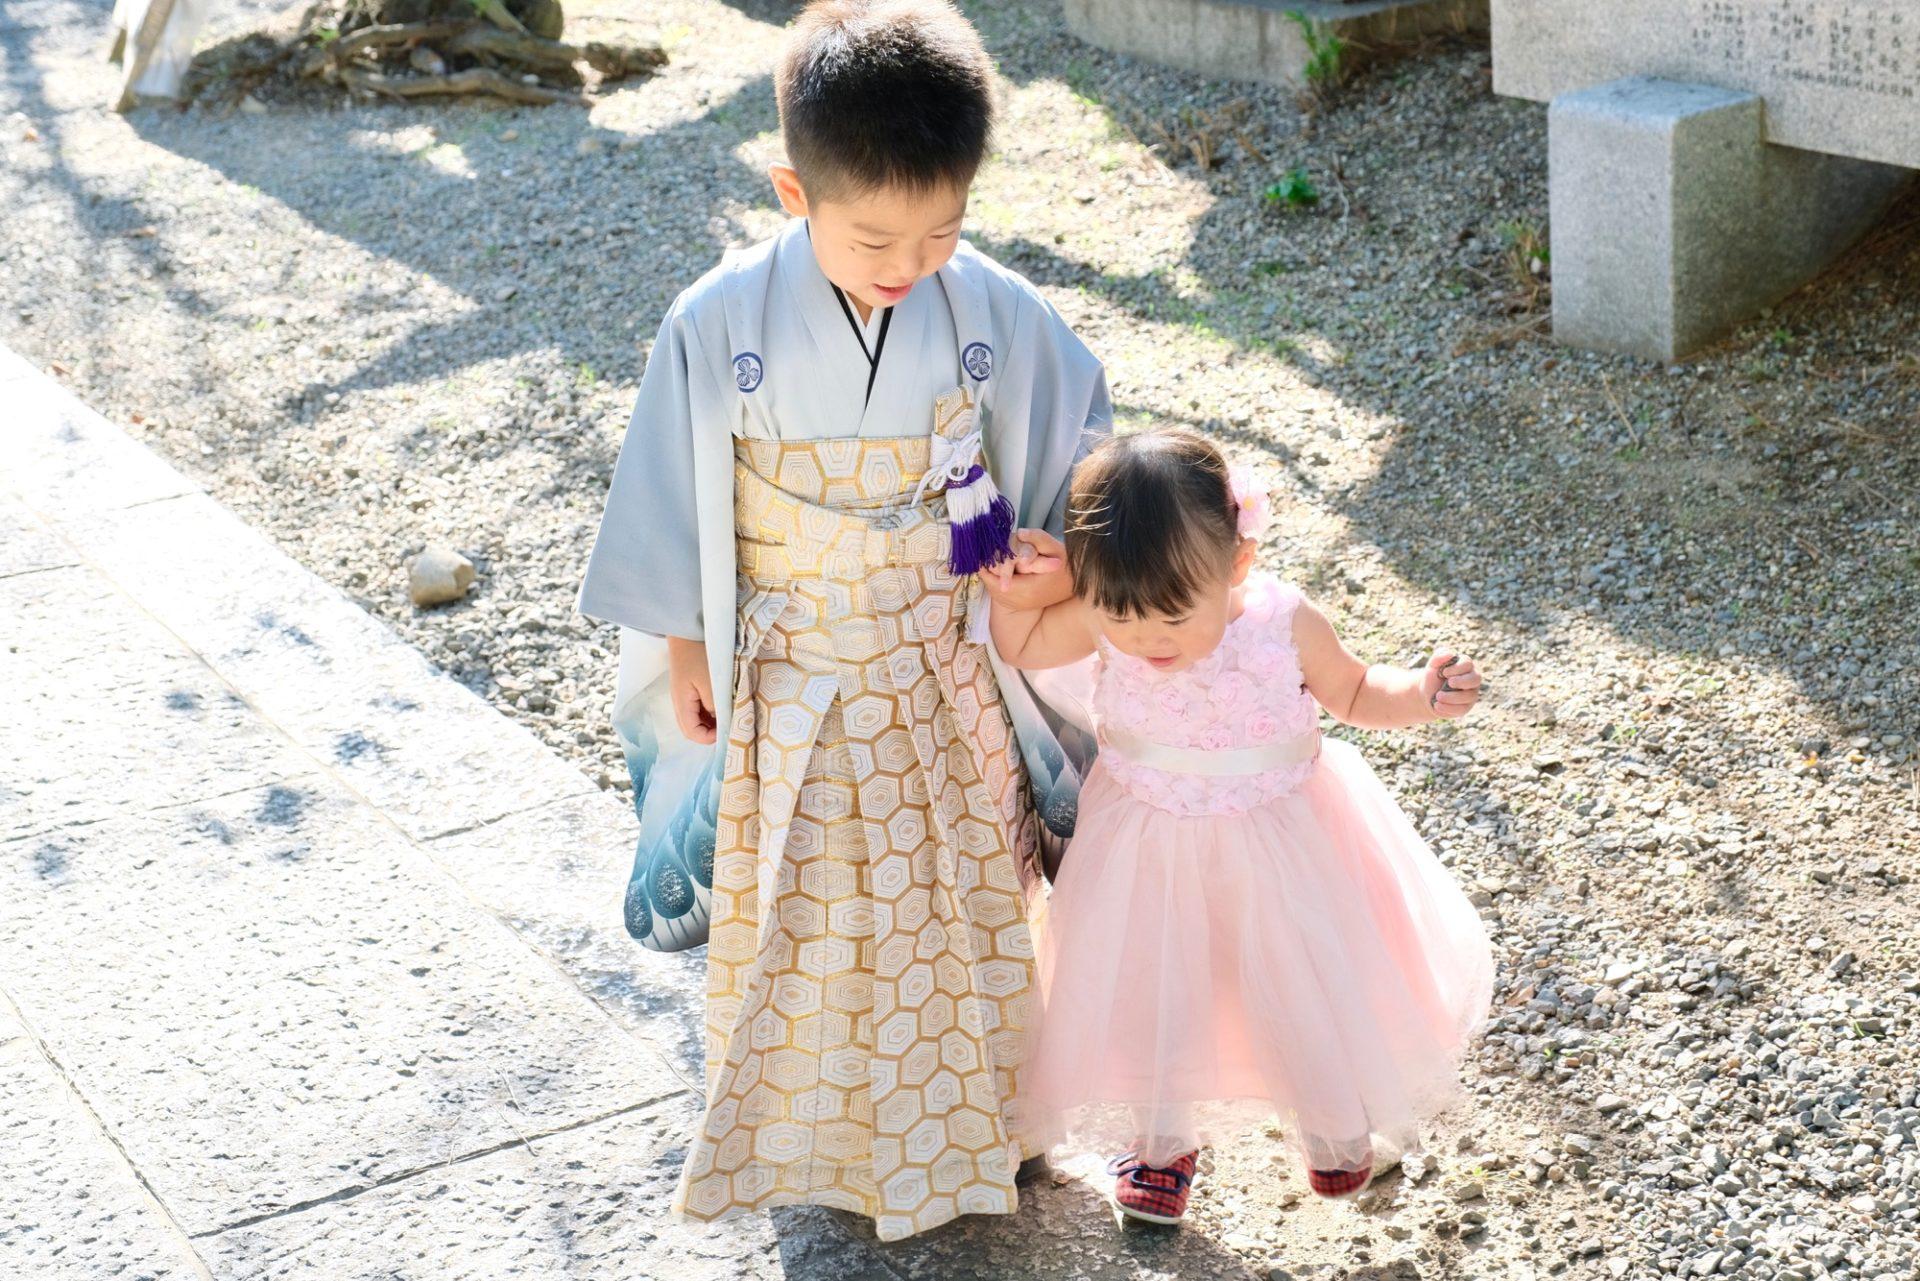 道明寺天満宮での七五三参りの写真